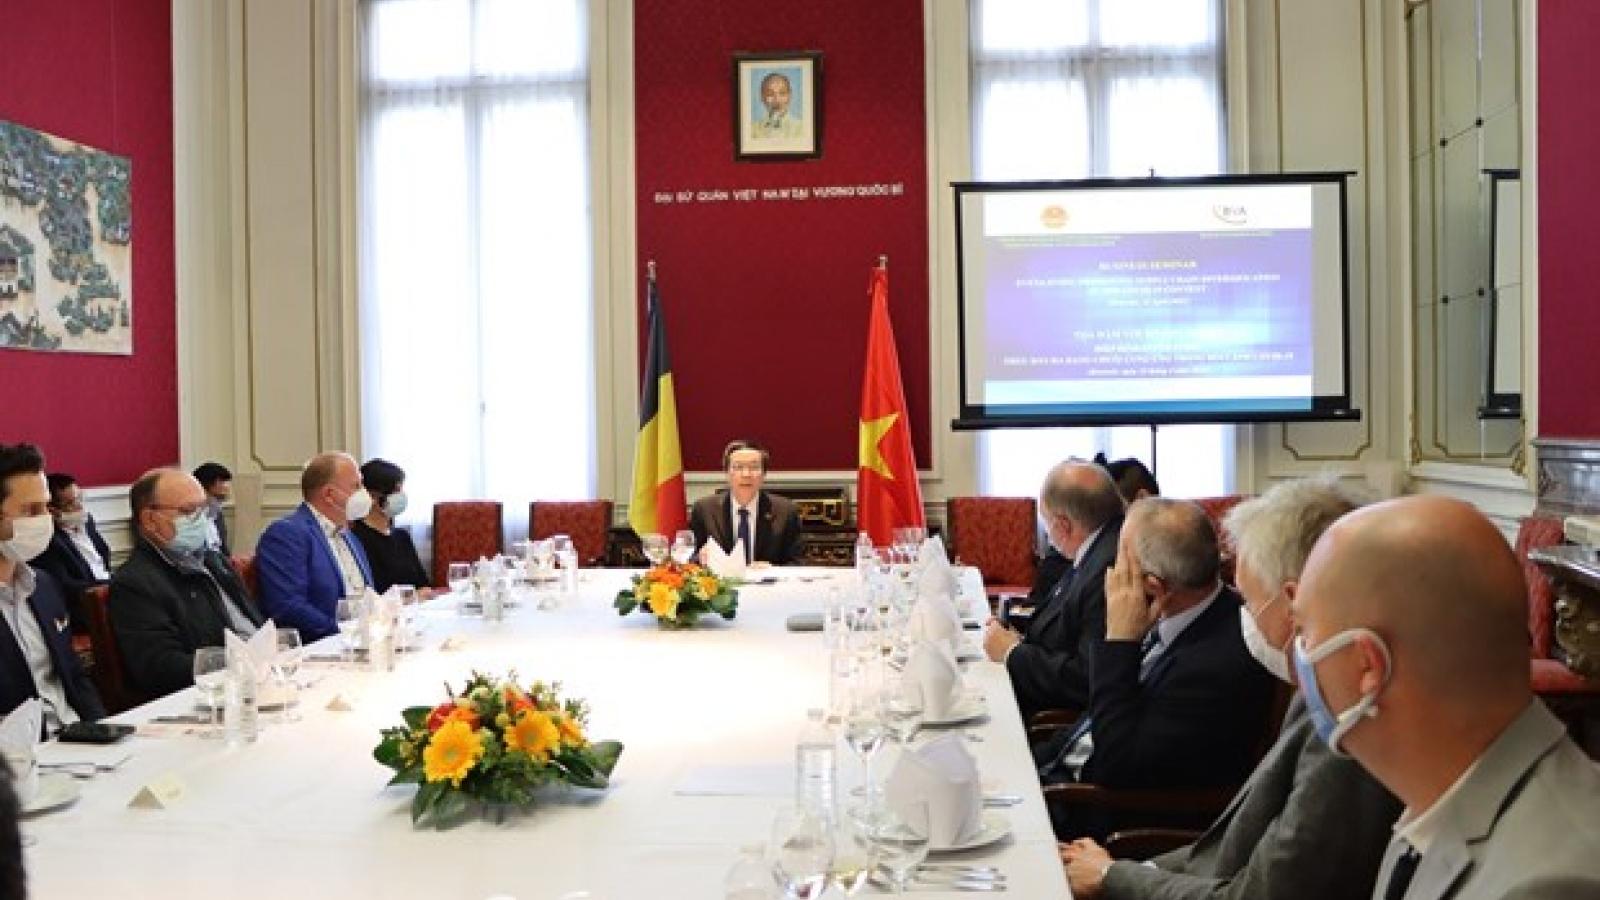 Belgian businesses keen on investing in Vietnam